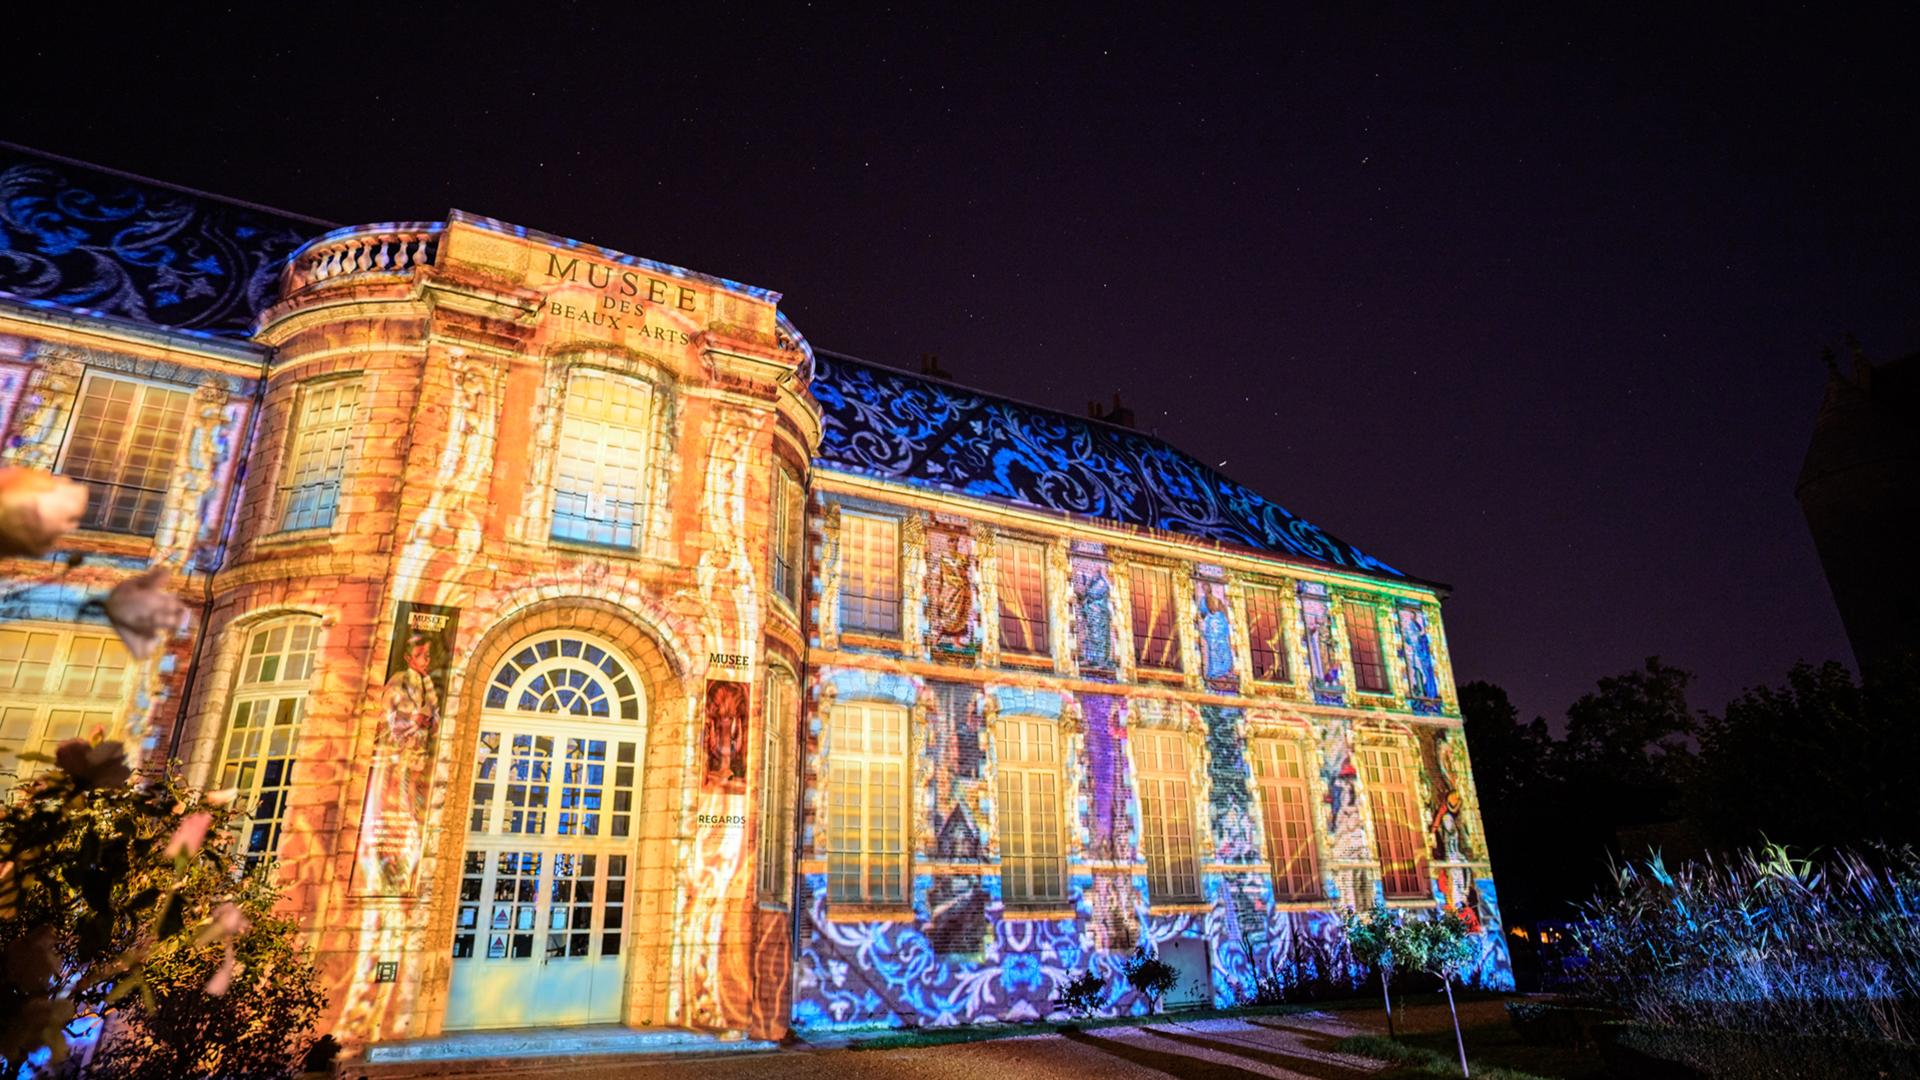 Scénographie autour de Jean Moulin sur le Musée des Beaux-Arts de Chartres